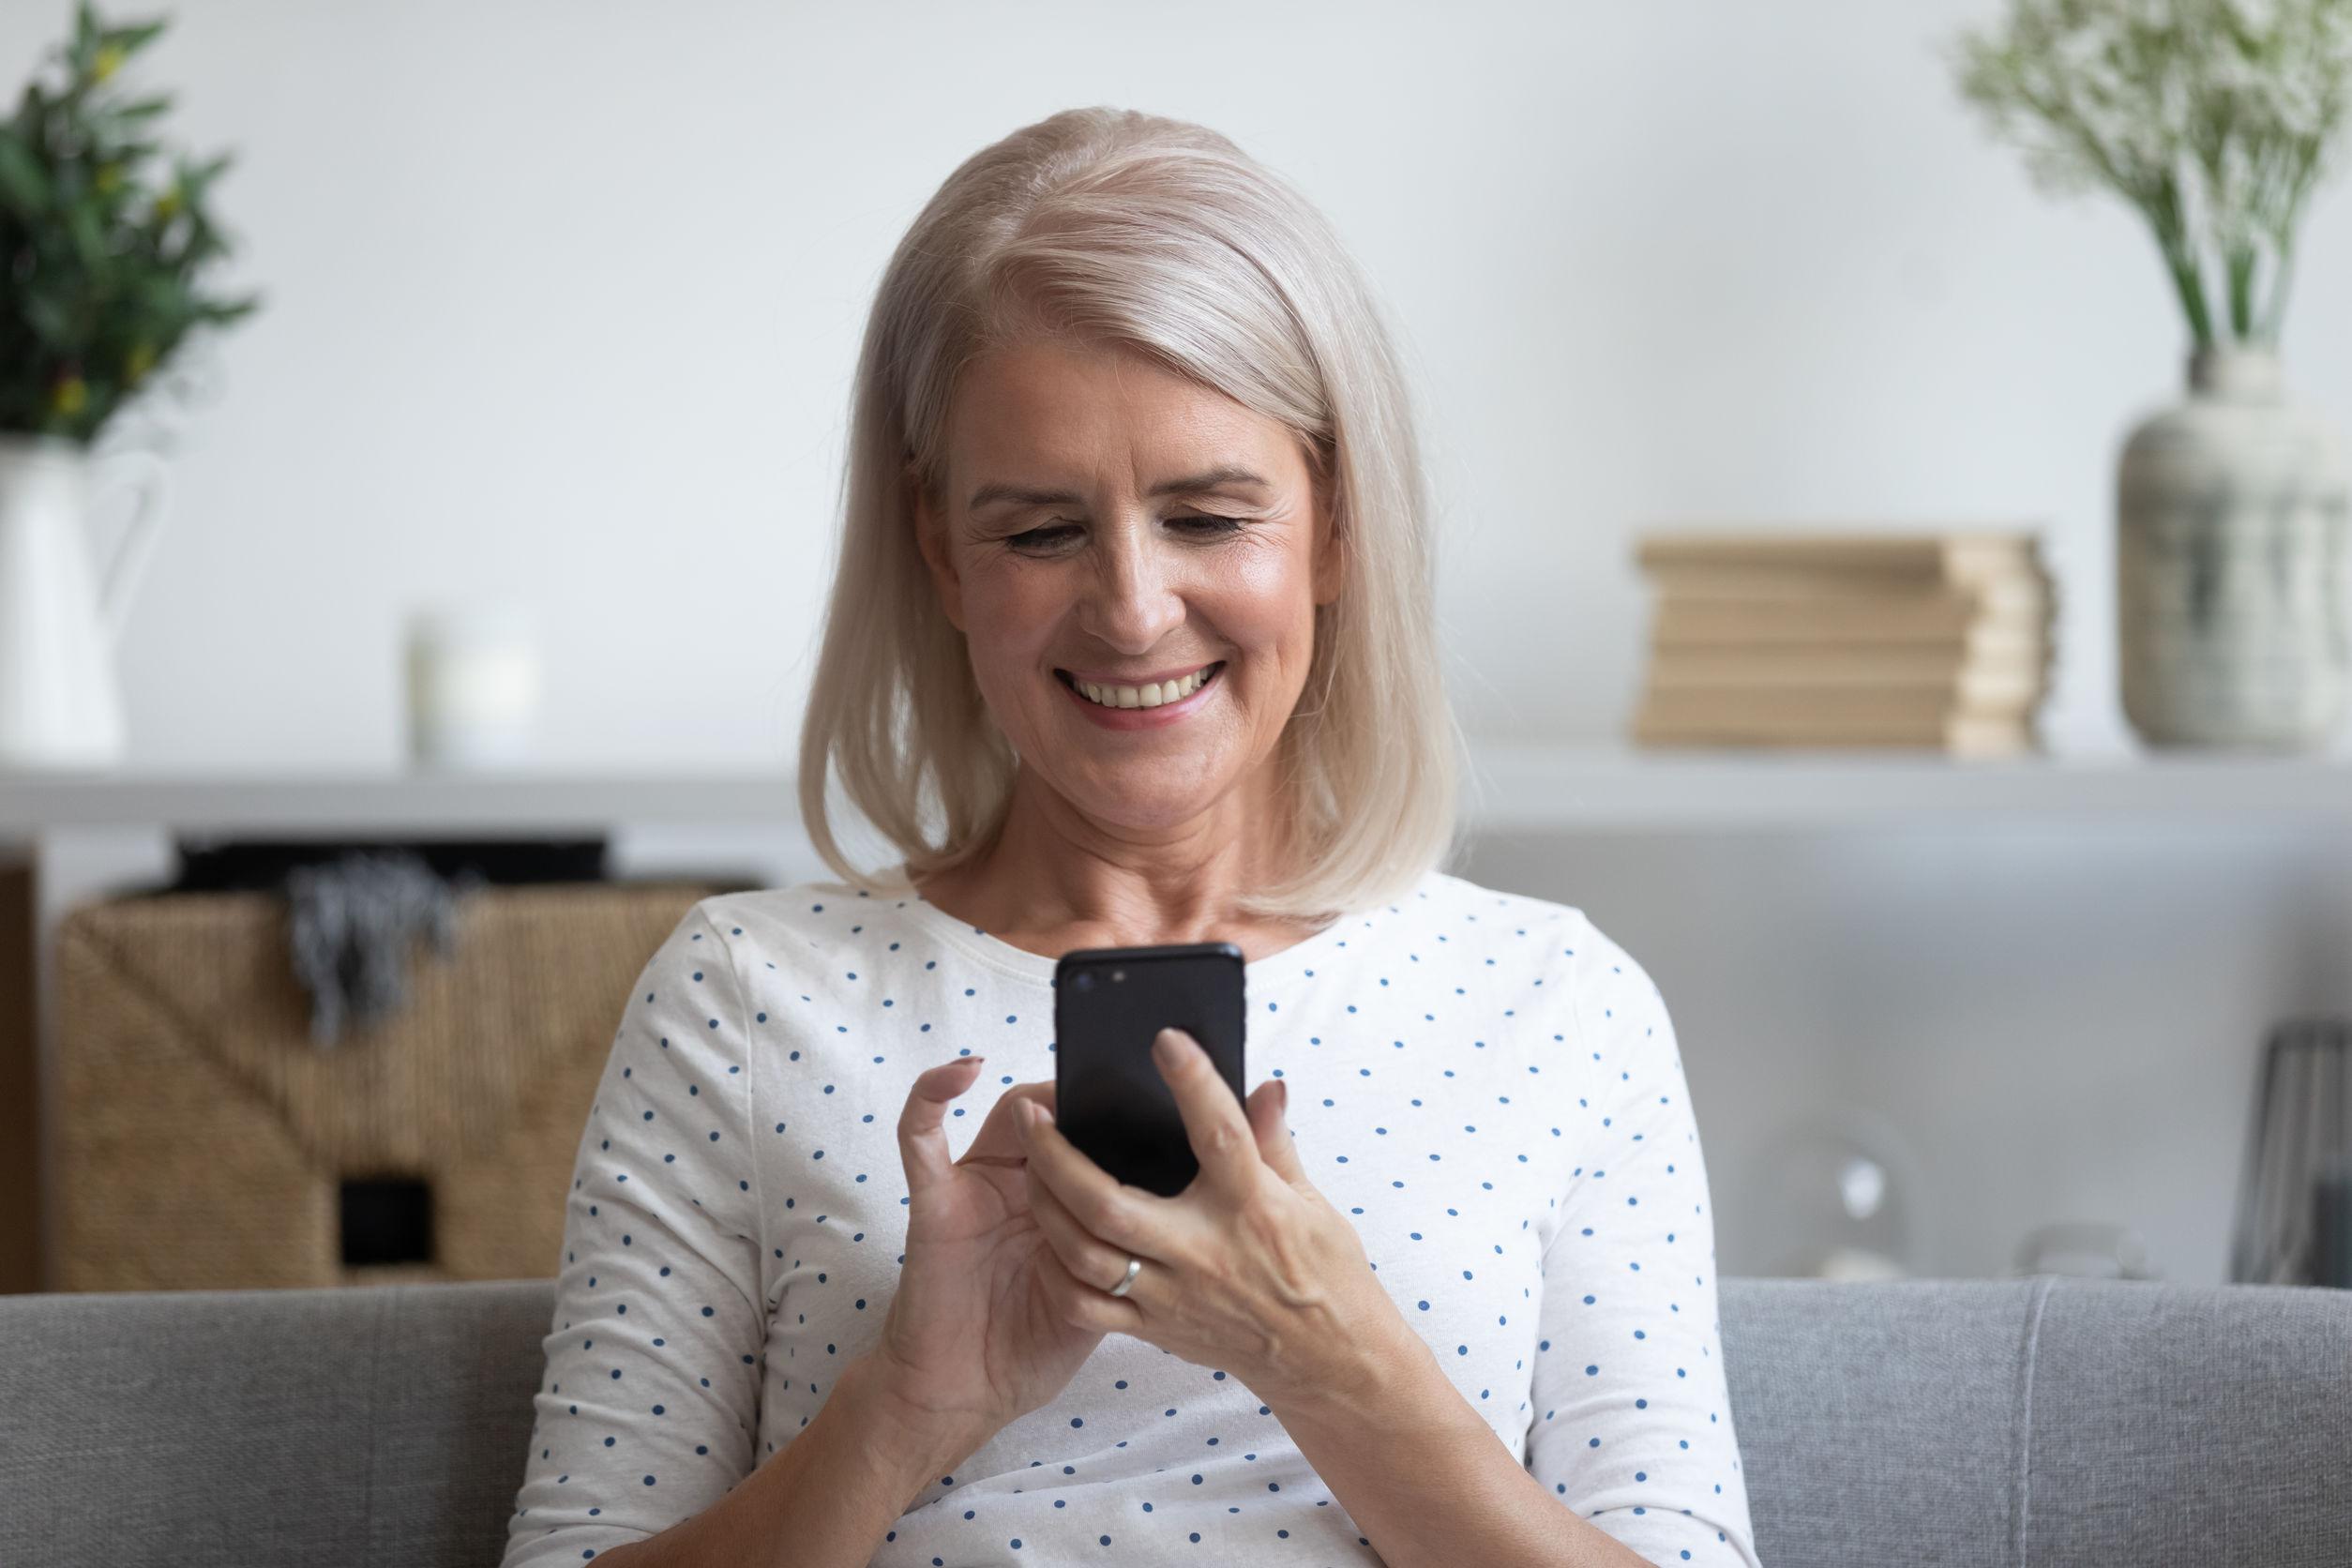 mujer madura sosteniendo el teléfono, usando aplicaciones de dispositivos móviles